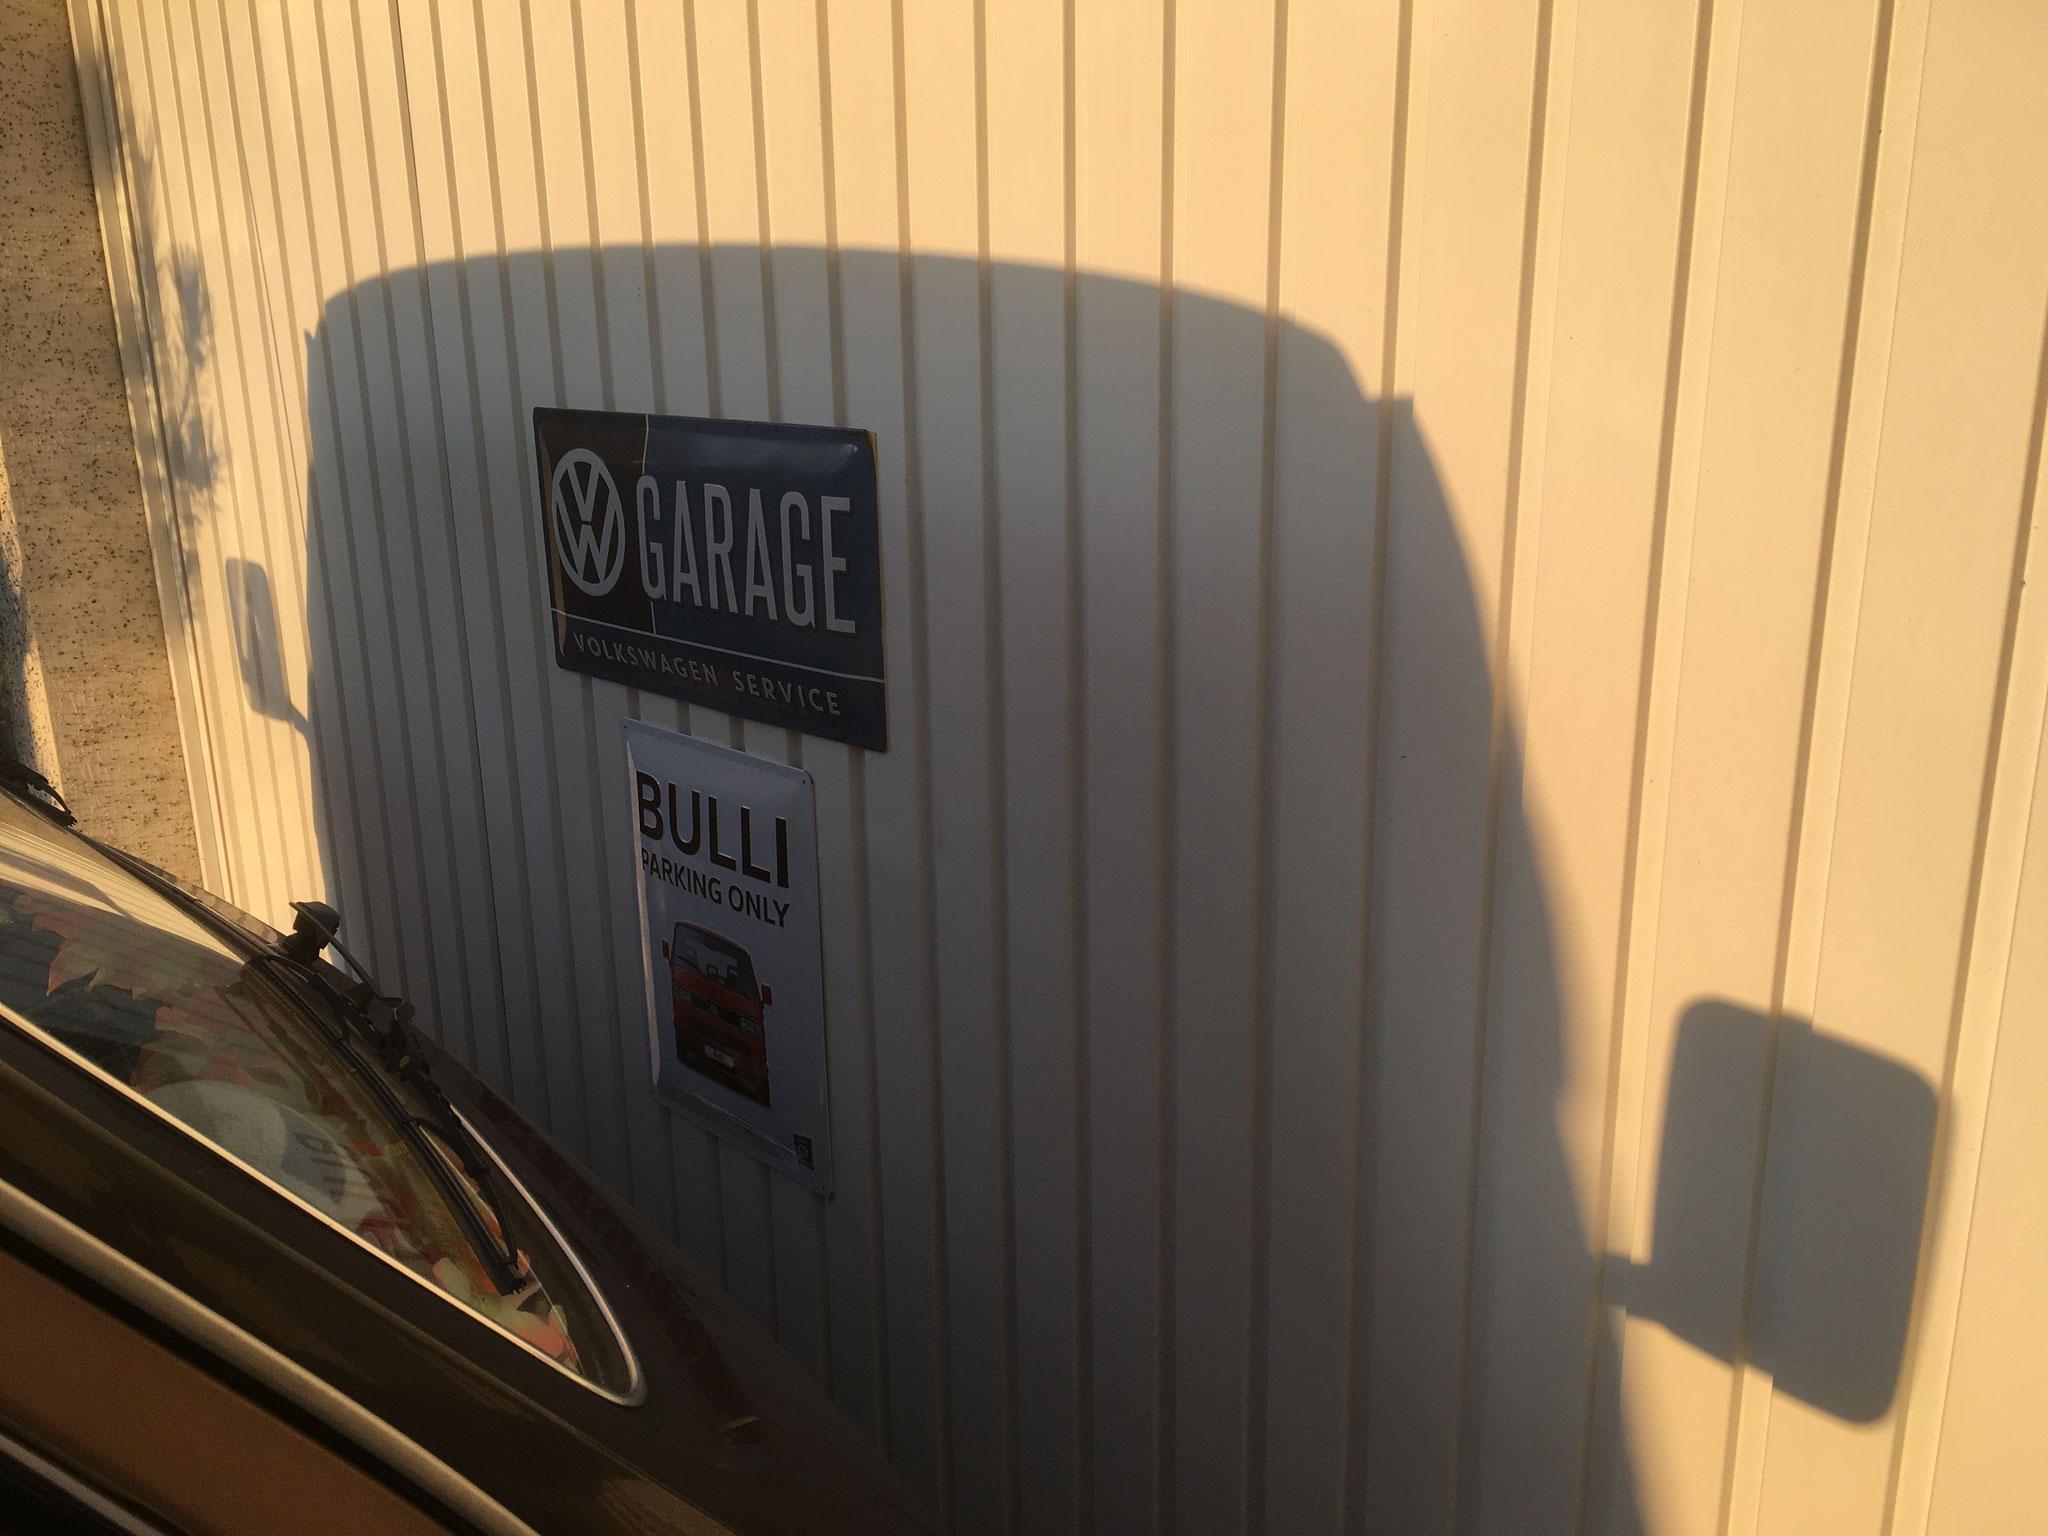 Wunderschöner Sonnenaufgang am Bulli. Schöne Silhouette an der Garagenwand.